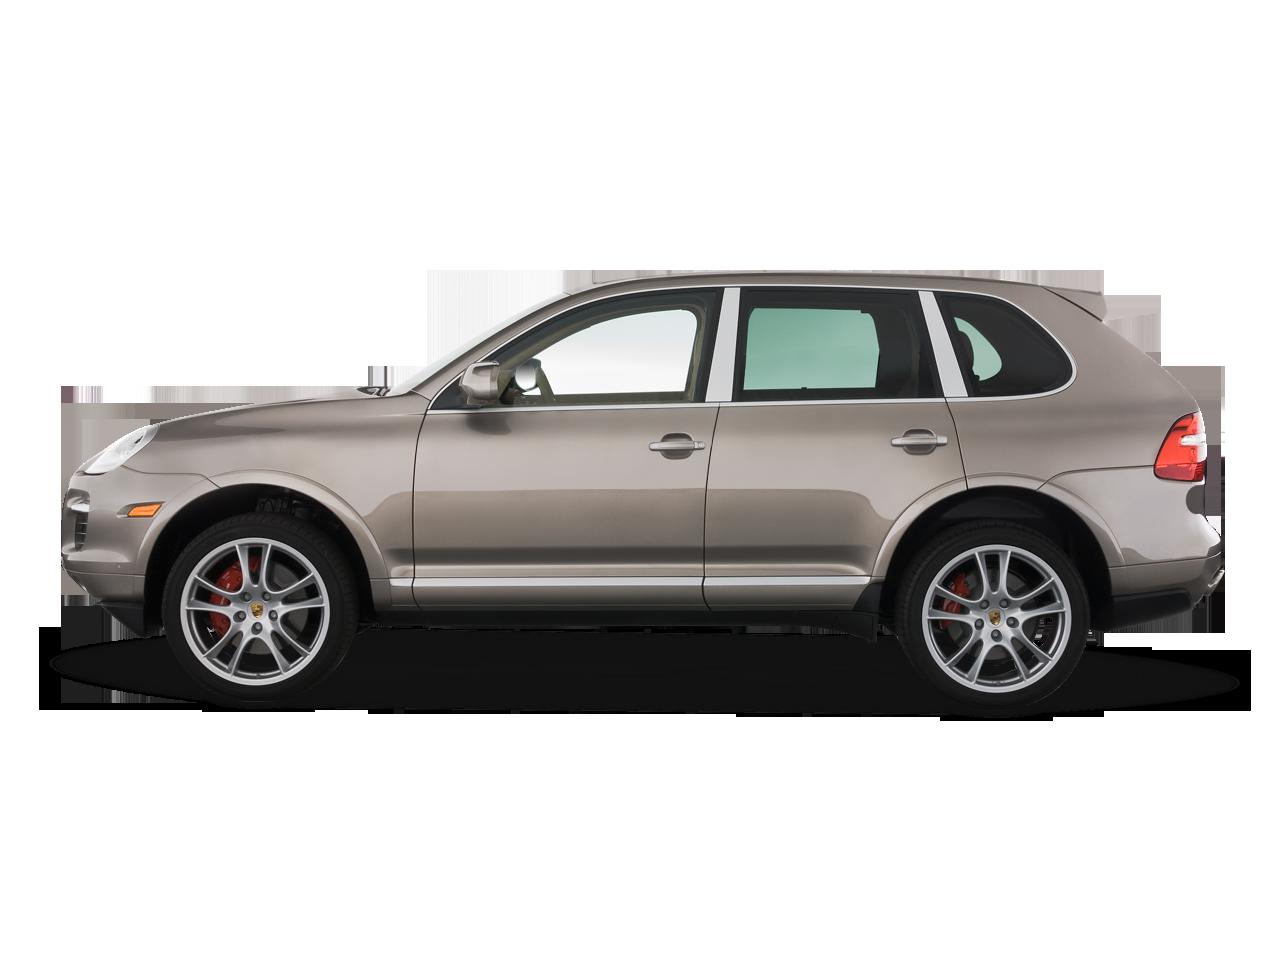 2009 Porsche Cayenne Turbo S Porsche Luxury Crossover